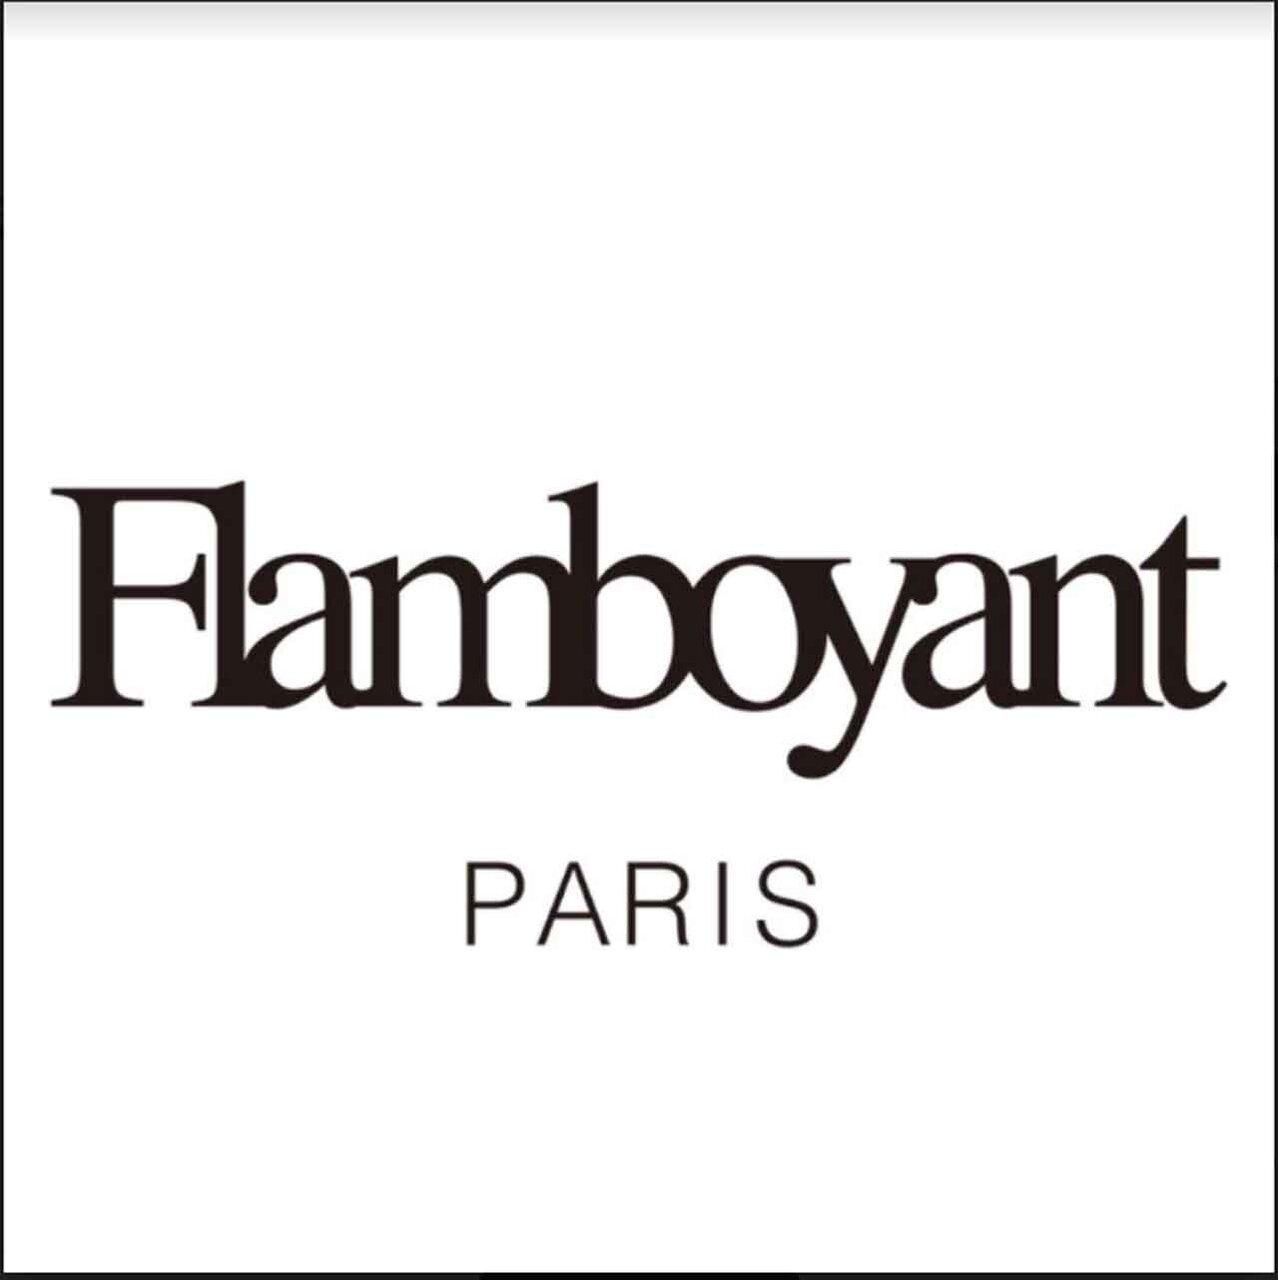 ダイソー ネイル「フランボヤン/Flamboyant」